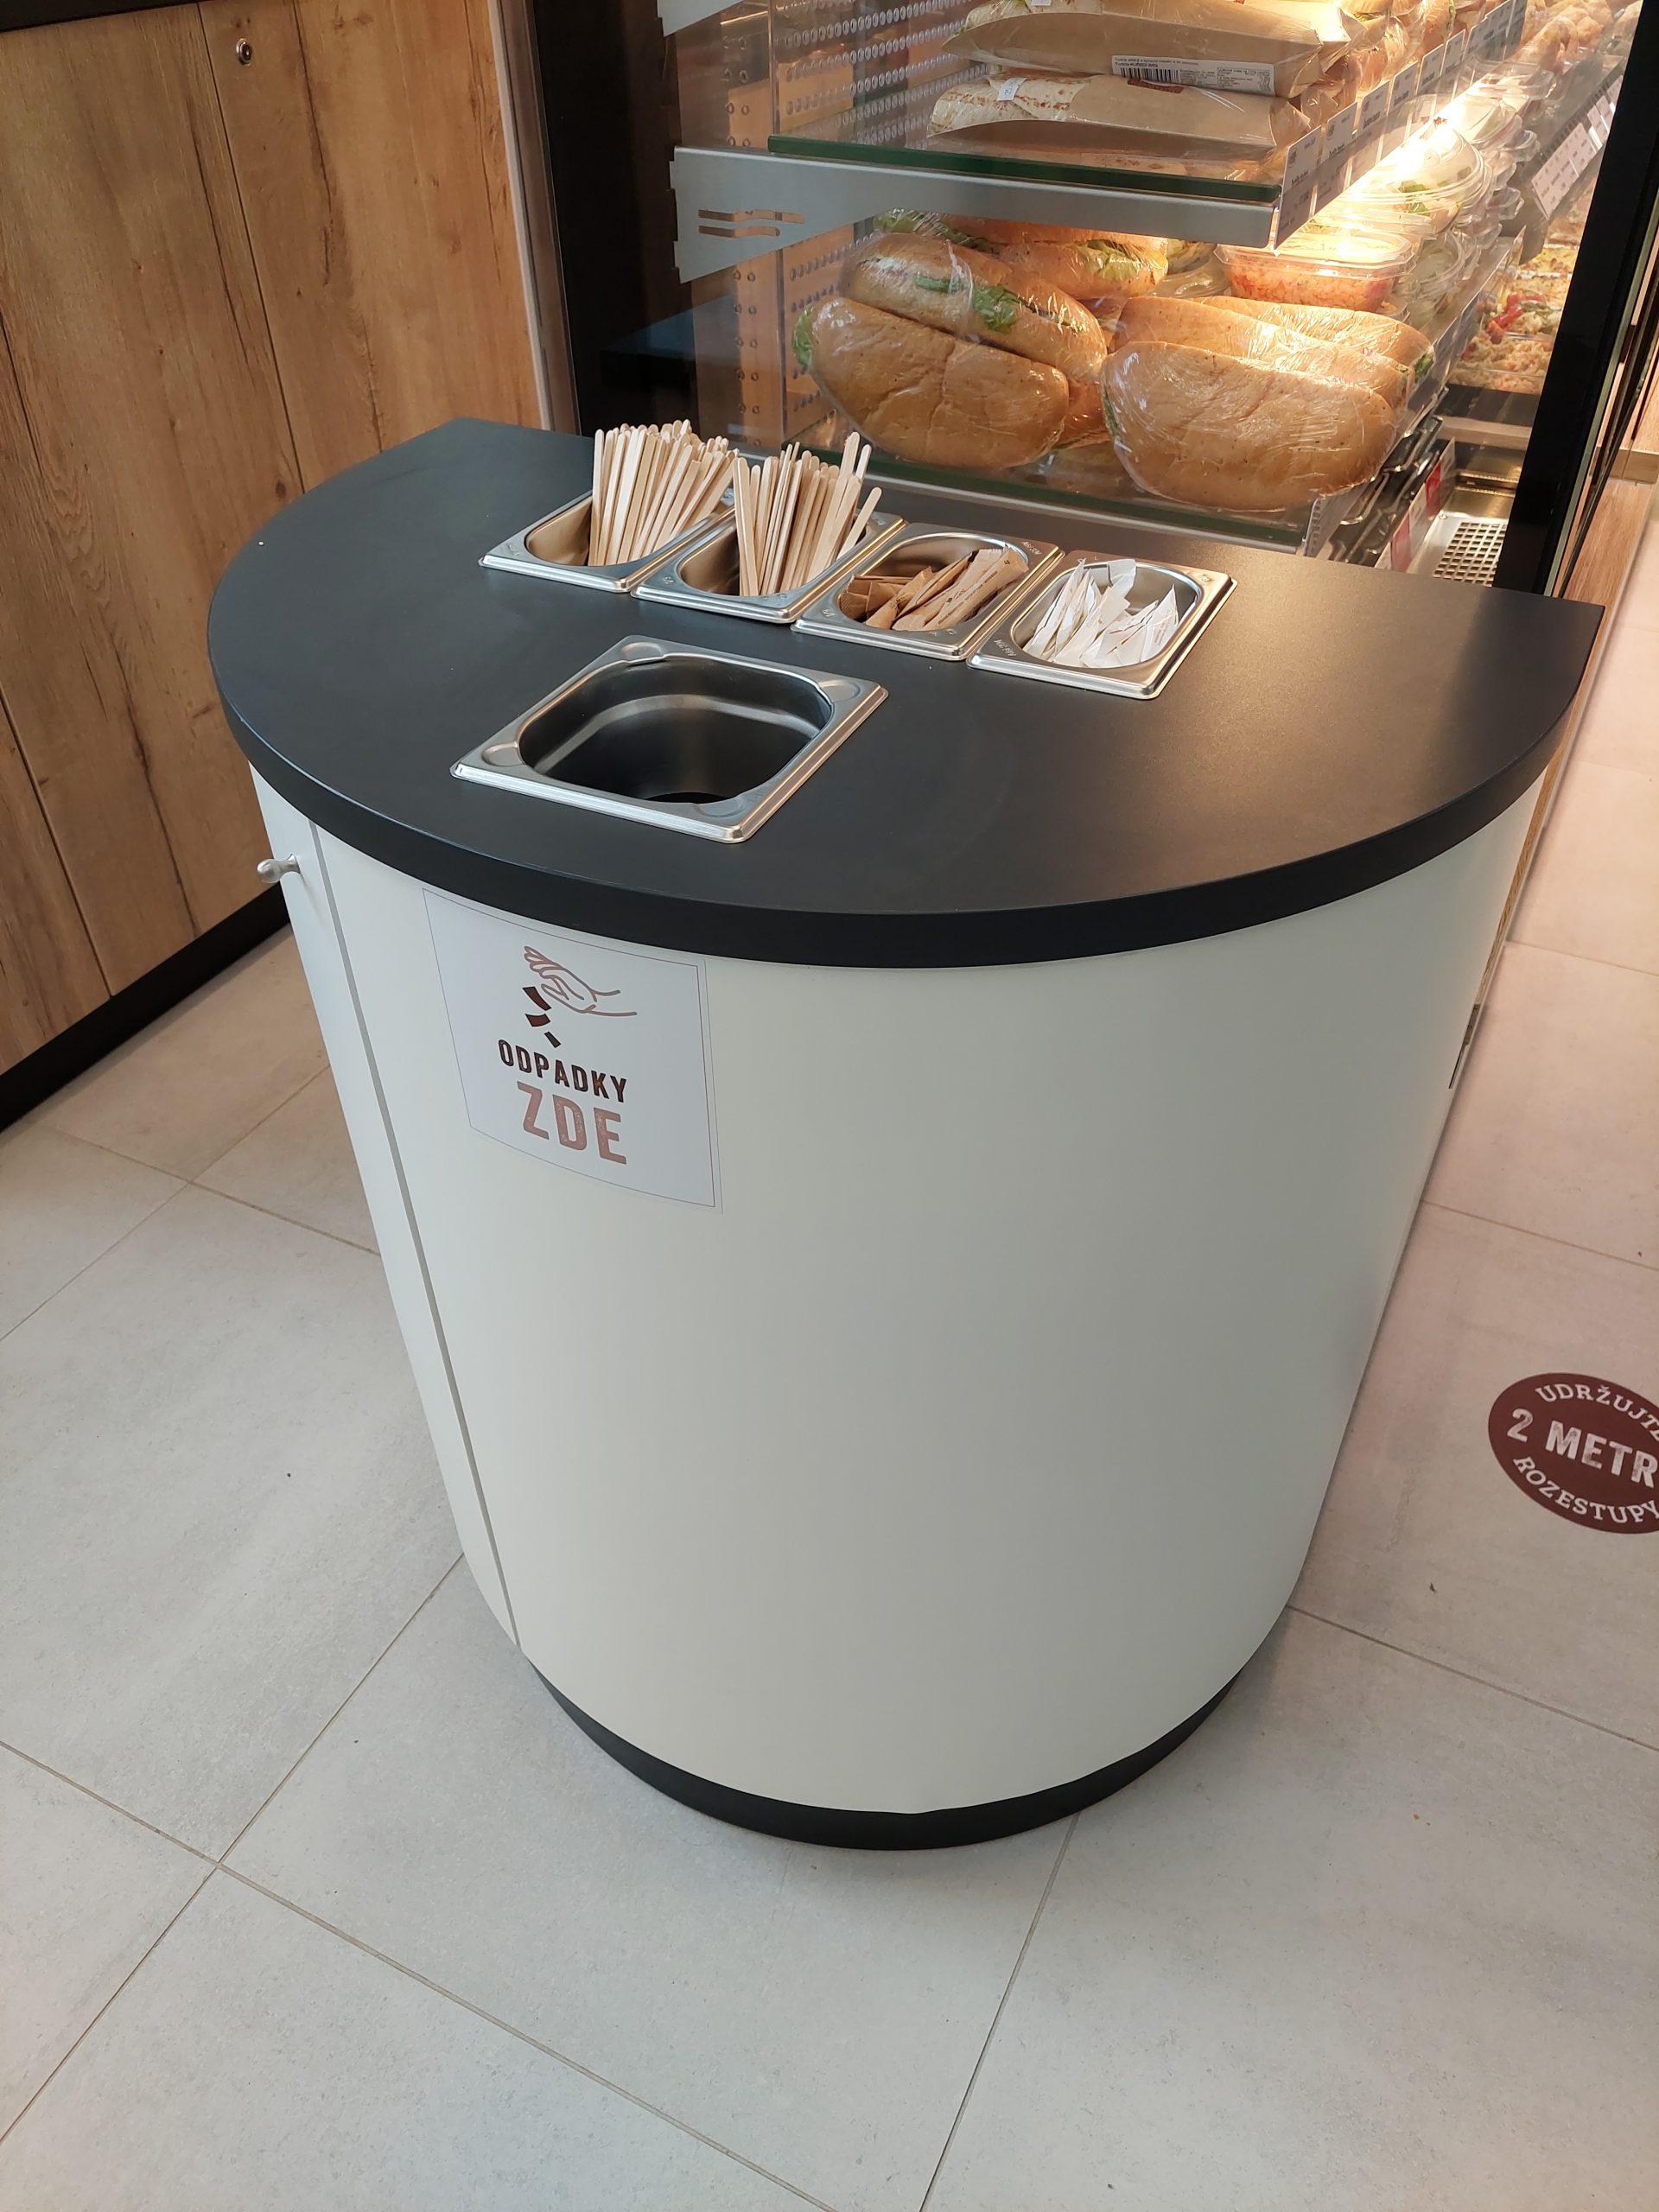 FESCHU Liberske lahudky Vysocany doplnkovy kavovy pult s odpadkovym kosem